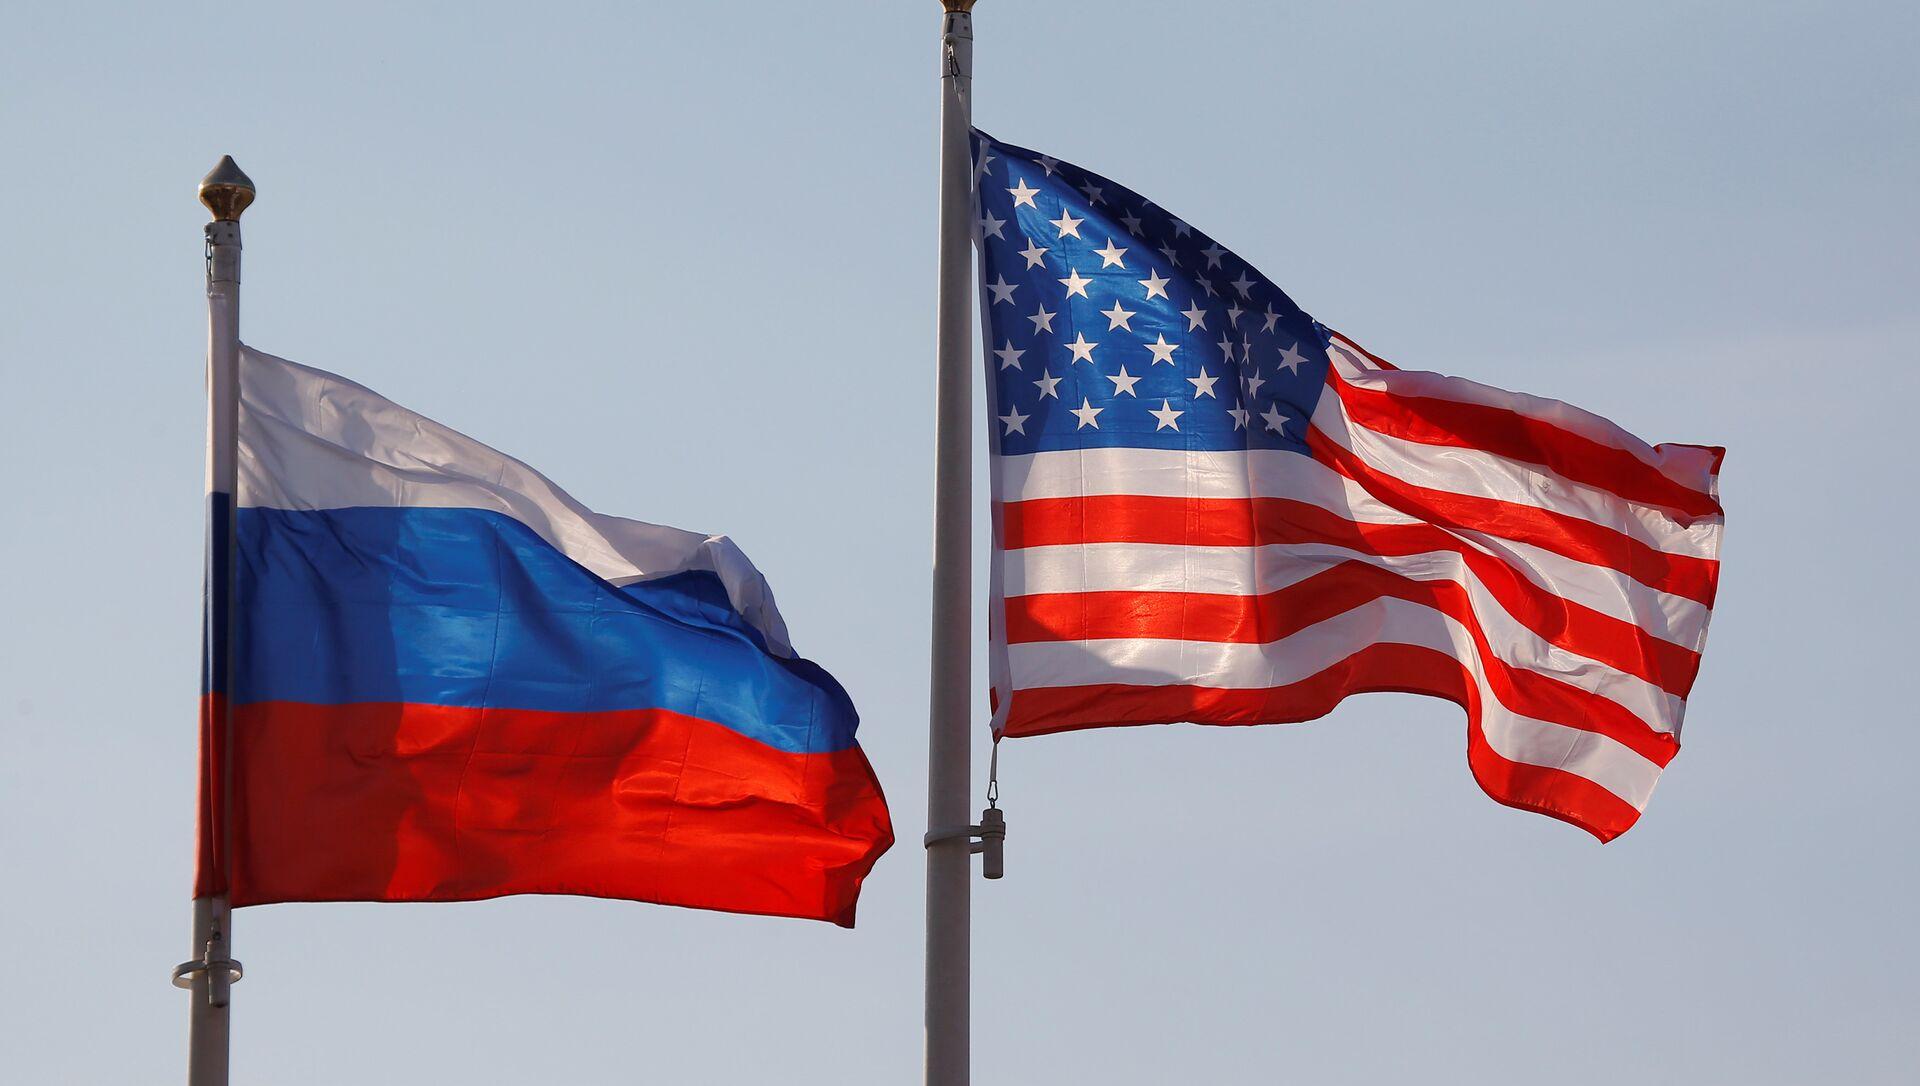 Banderas de Rusia y EEUU - Sputnik Mundo, 1920, 05.08.2019